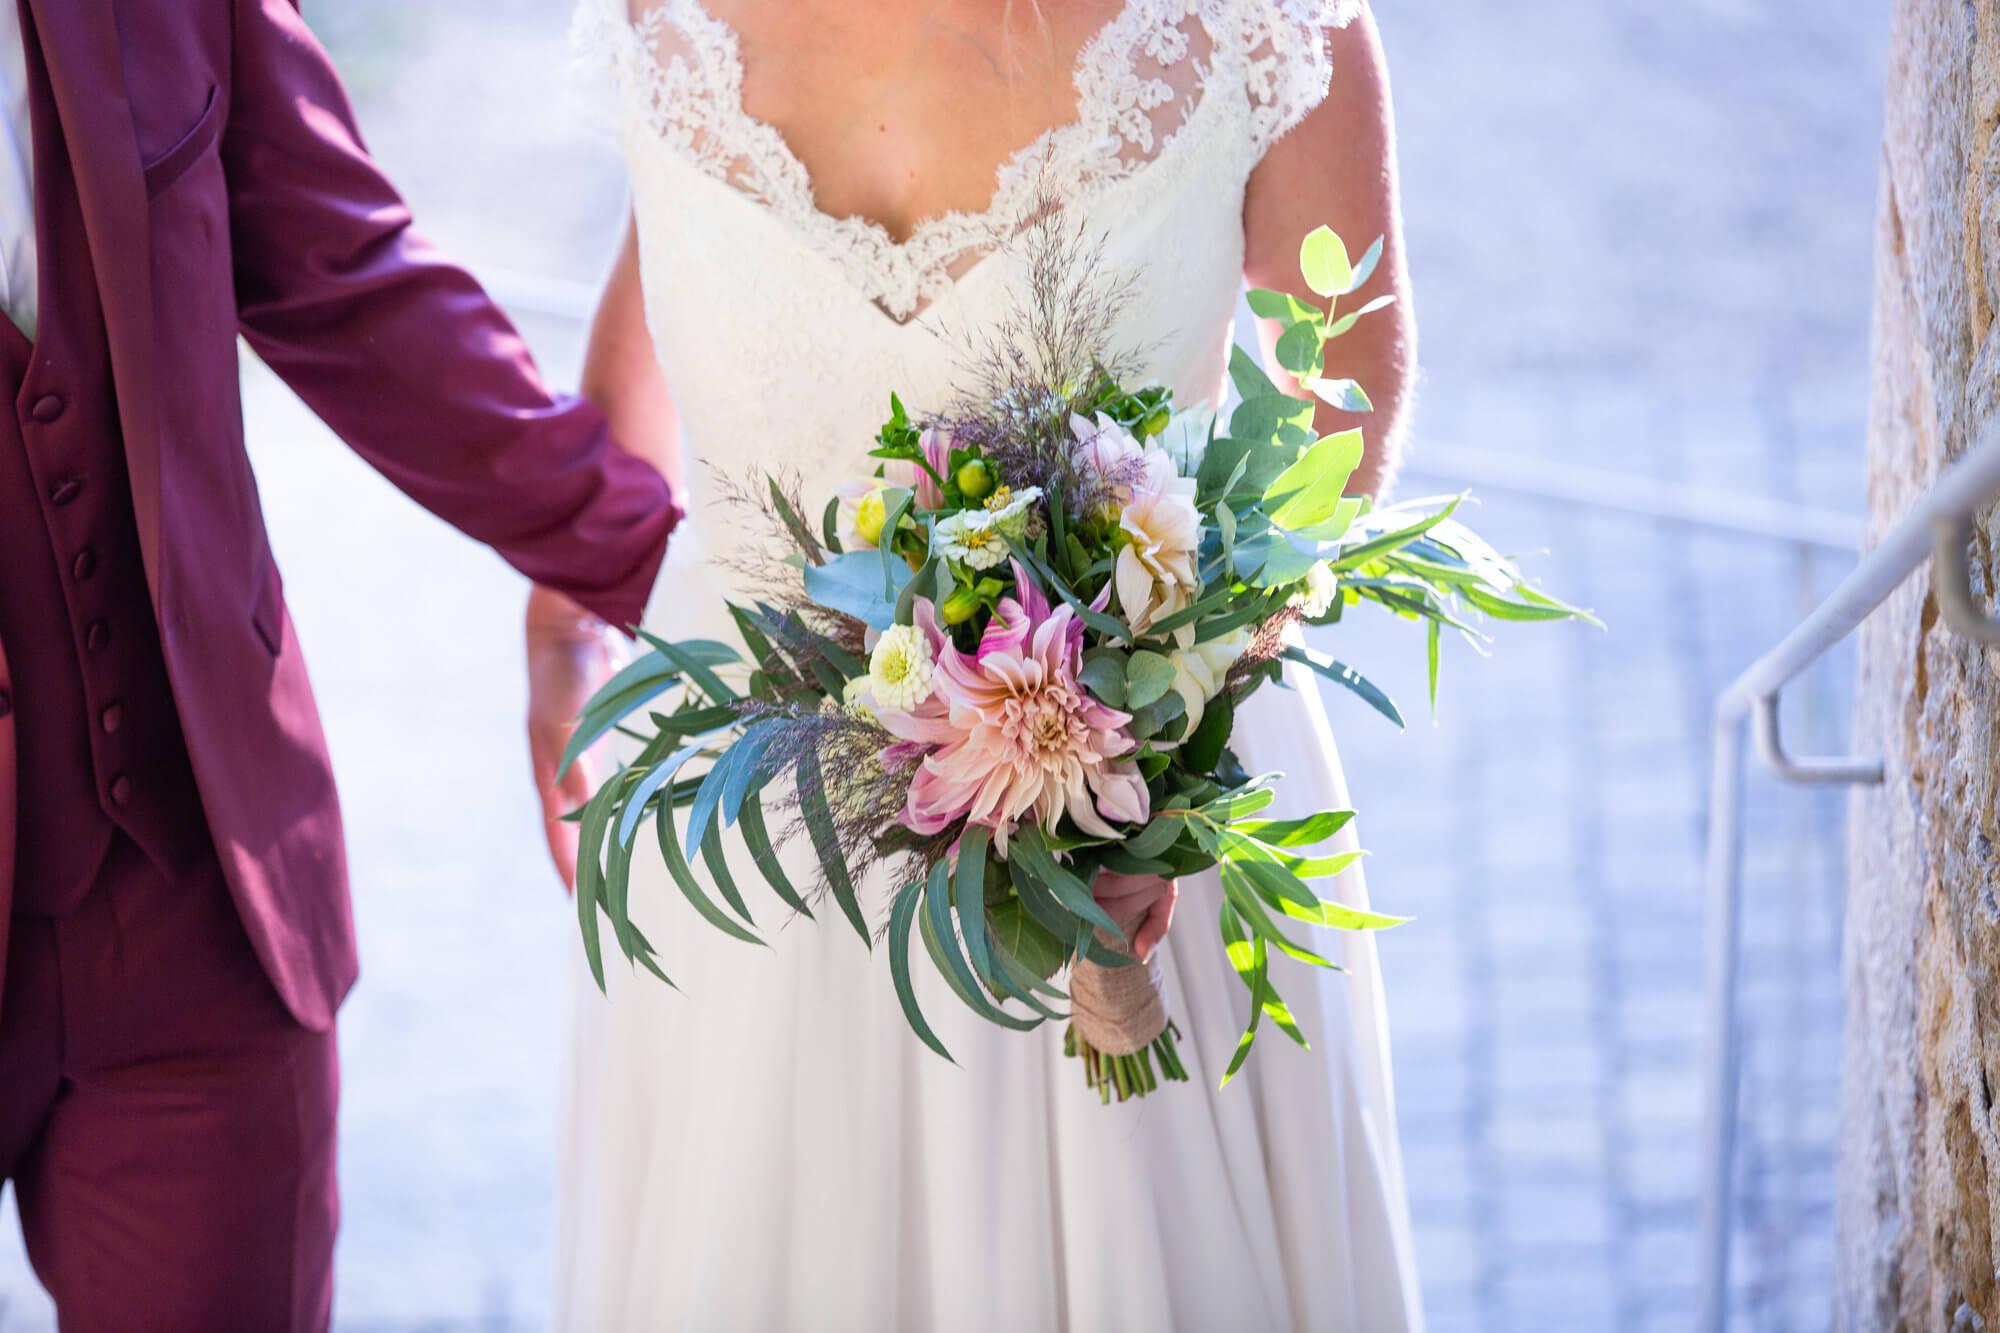 organisation complète de mariage à lyon - wedding planner lyon - les moments m